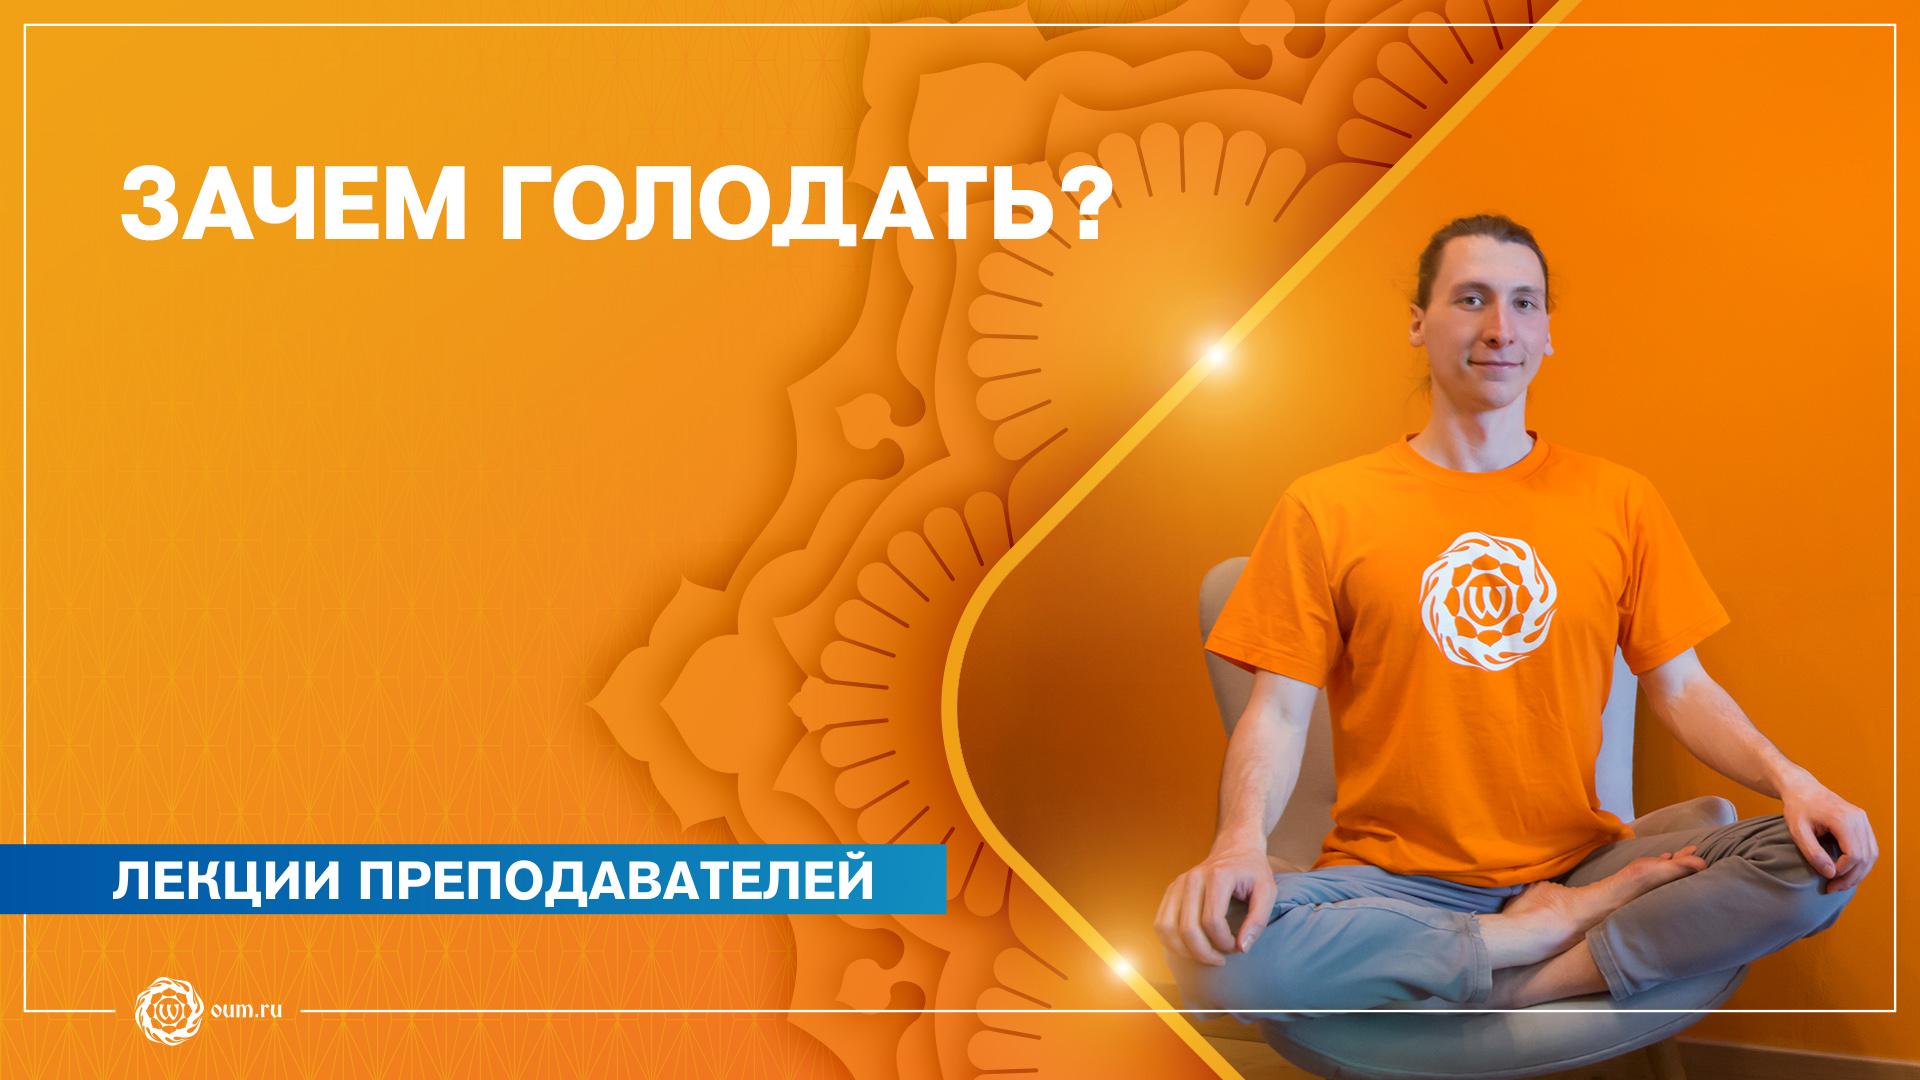 Зачем голодать? Илья Головачёв